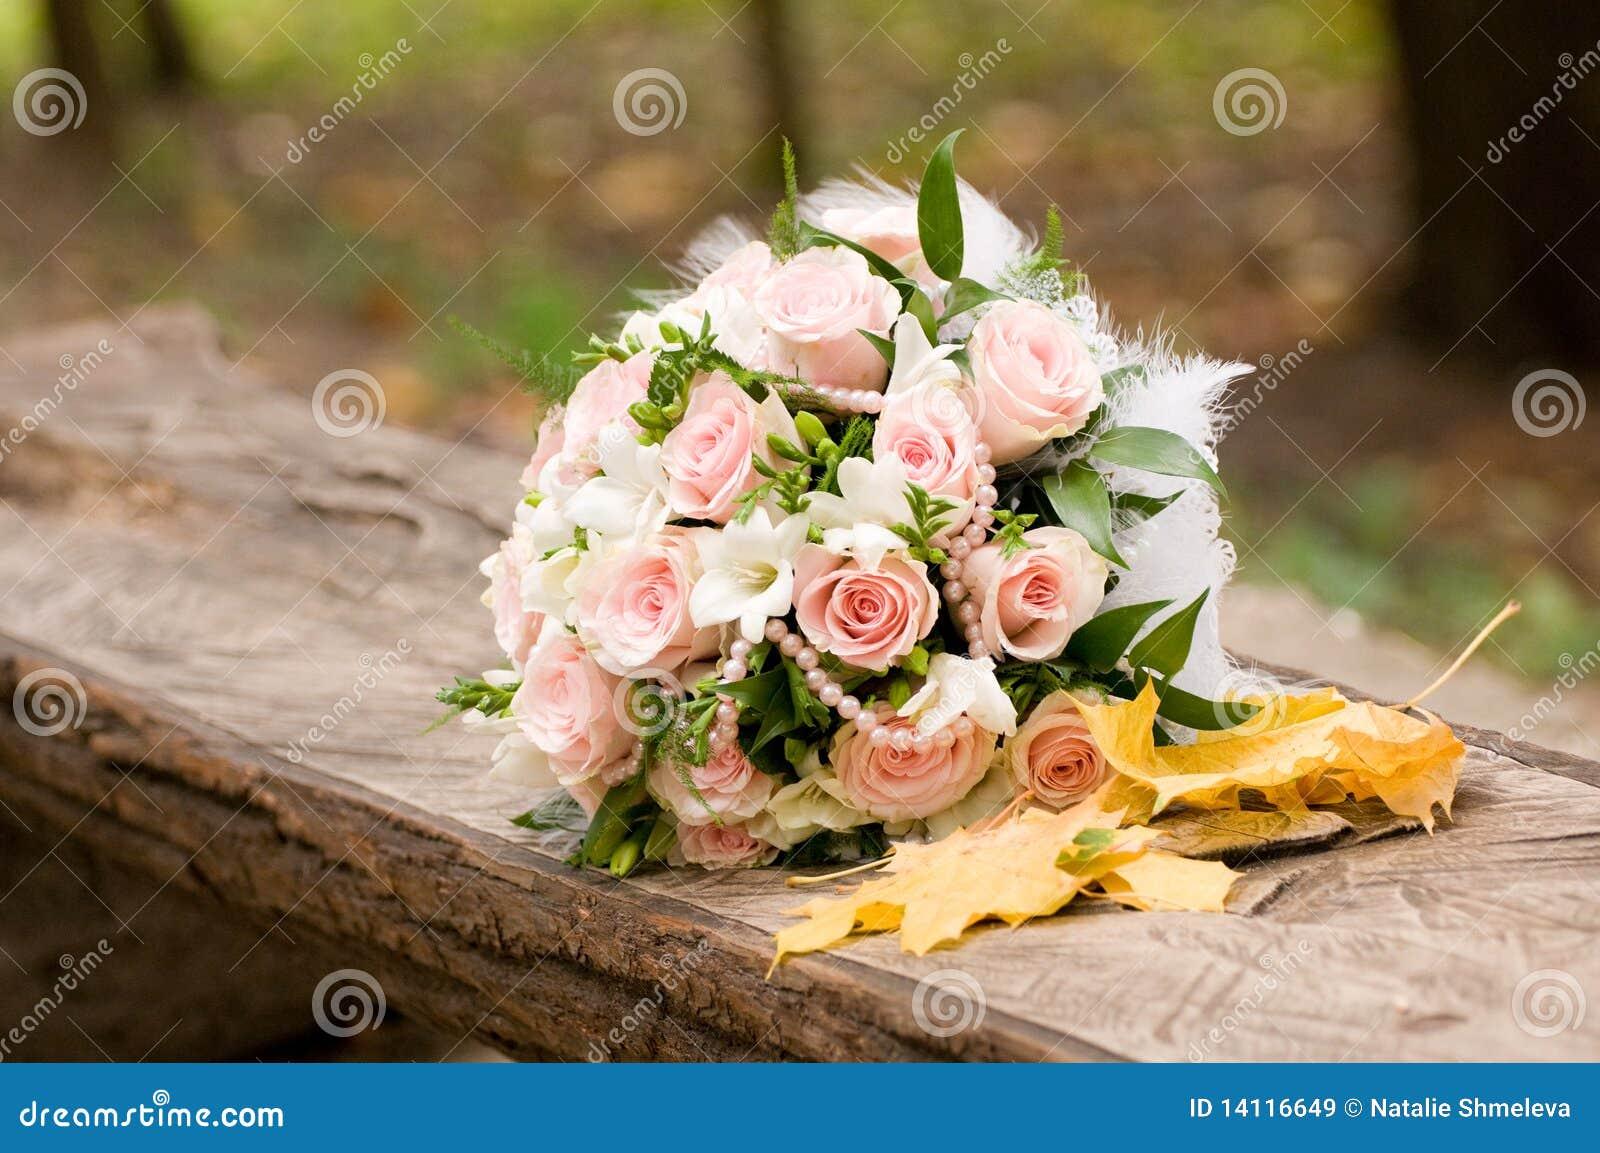 bouquet de mariage d 39 automne images libres de droits image 14116649. Black Bedroom Furniture Sets. Home Design Ideas